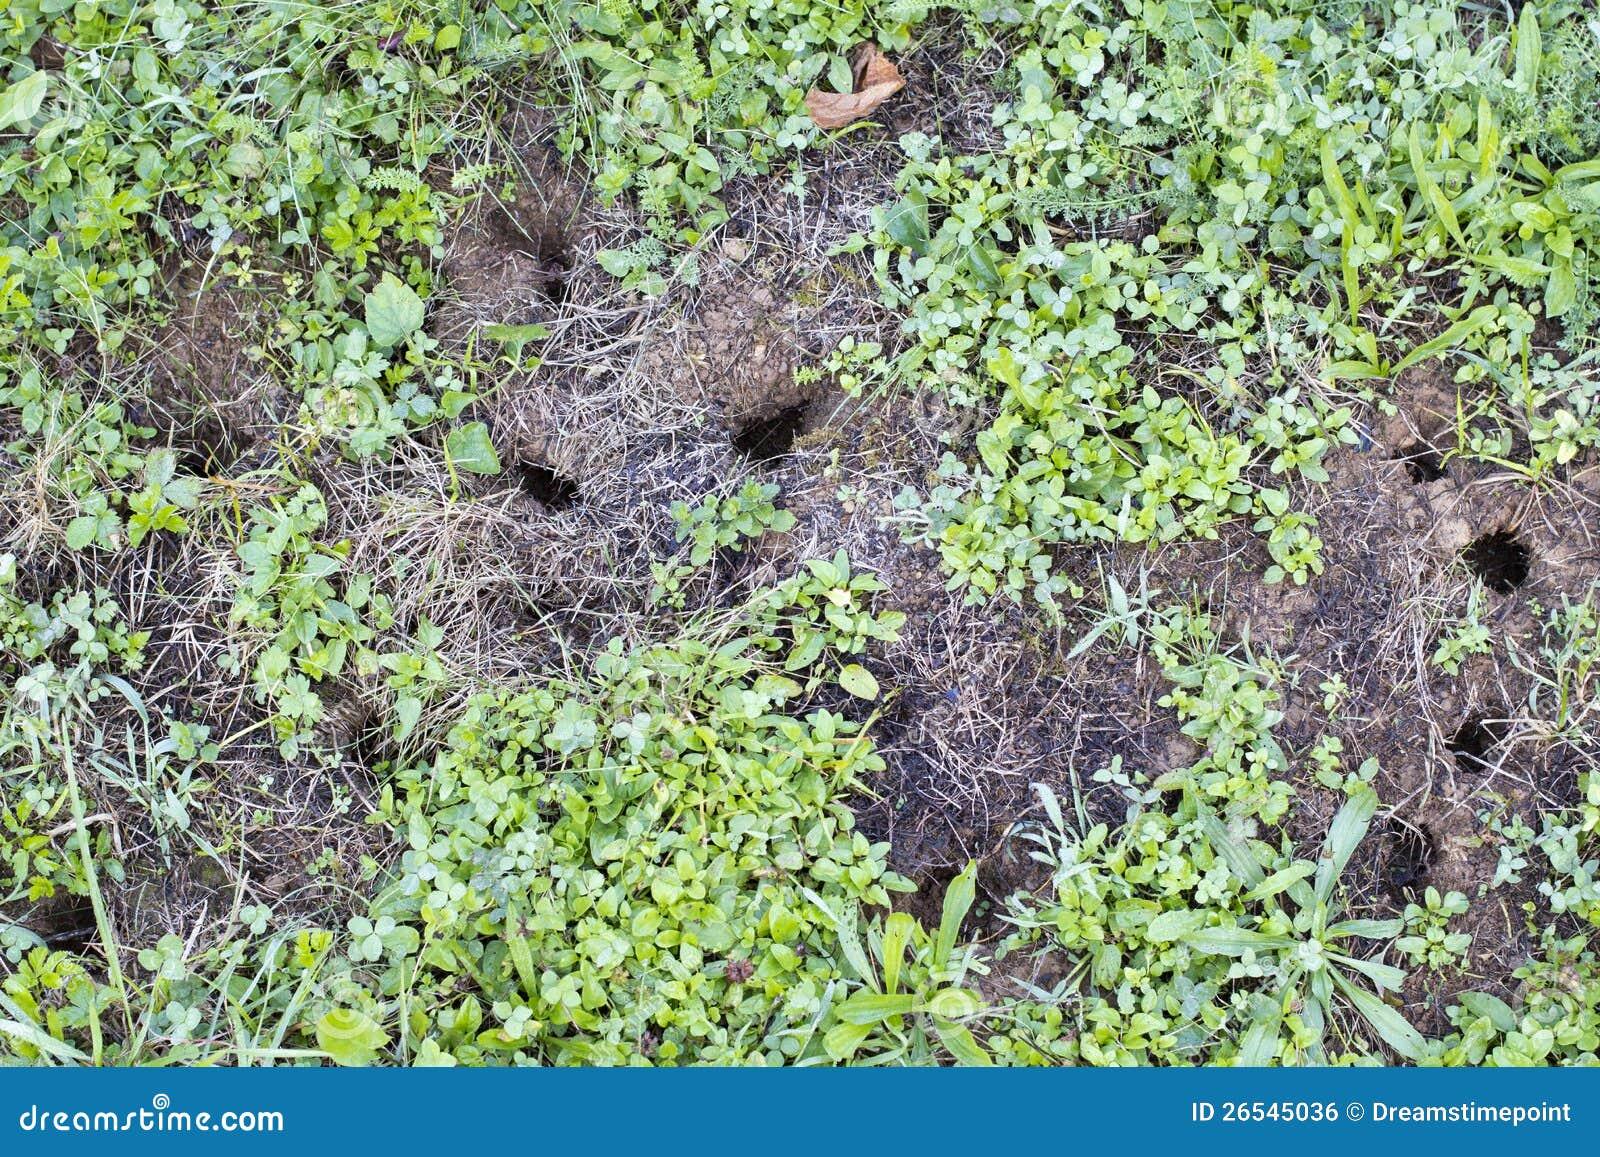 trous de souris sur la pelouse de jardin image libre de droits image 26545036. Black Bedroom Furniture Sets. Home Design Ideas